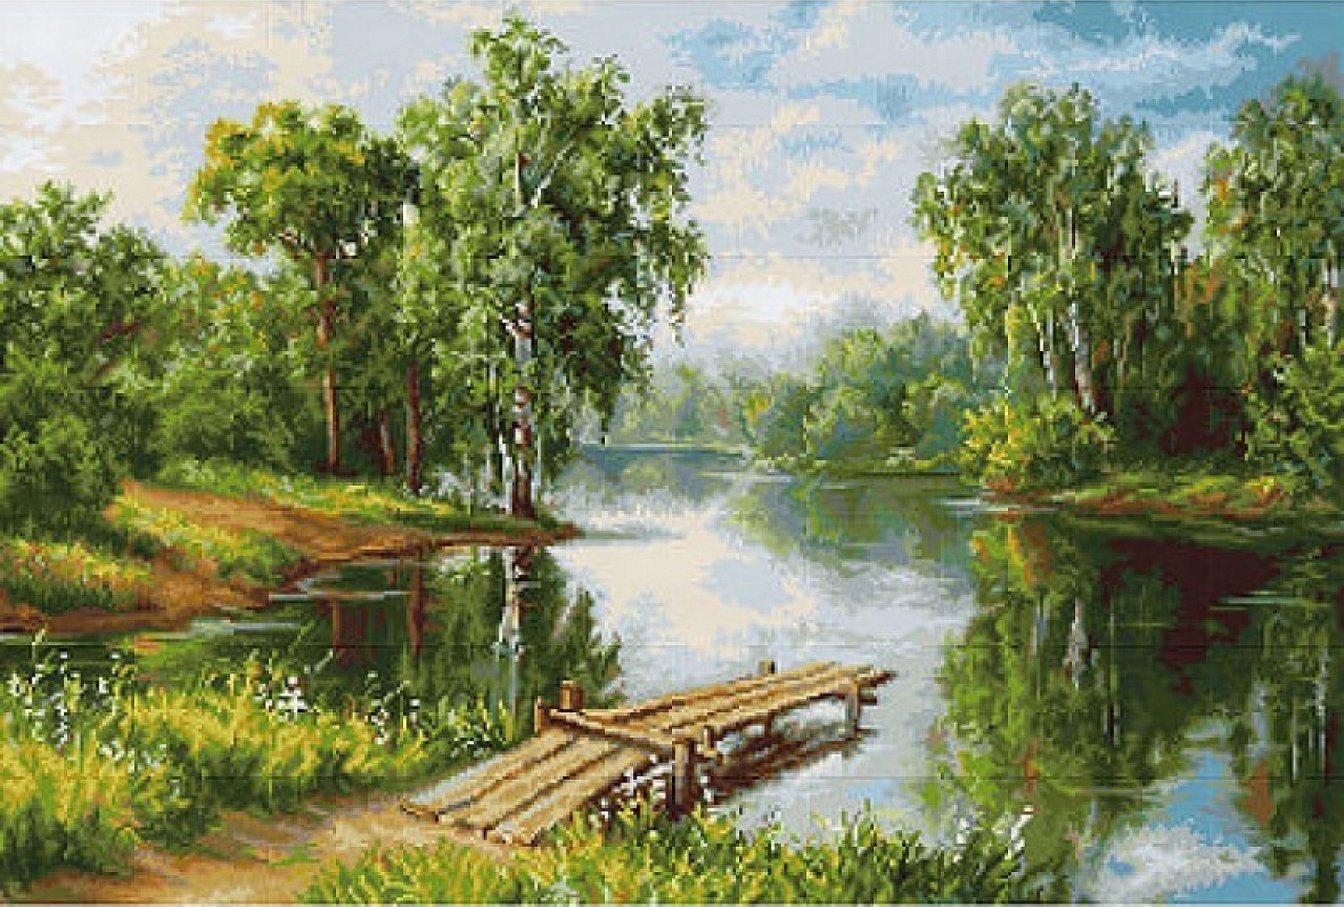 Картины летний пейзаж с речкой